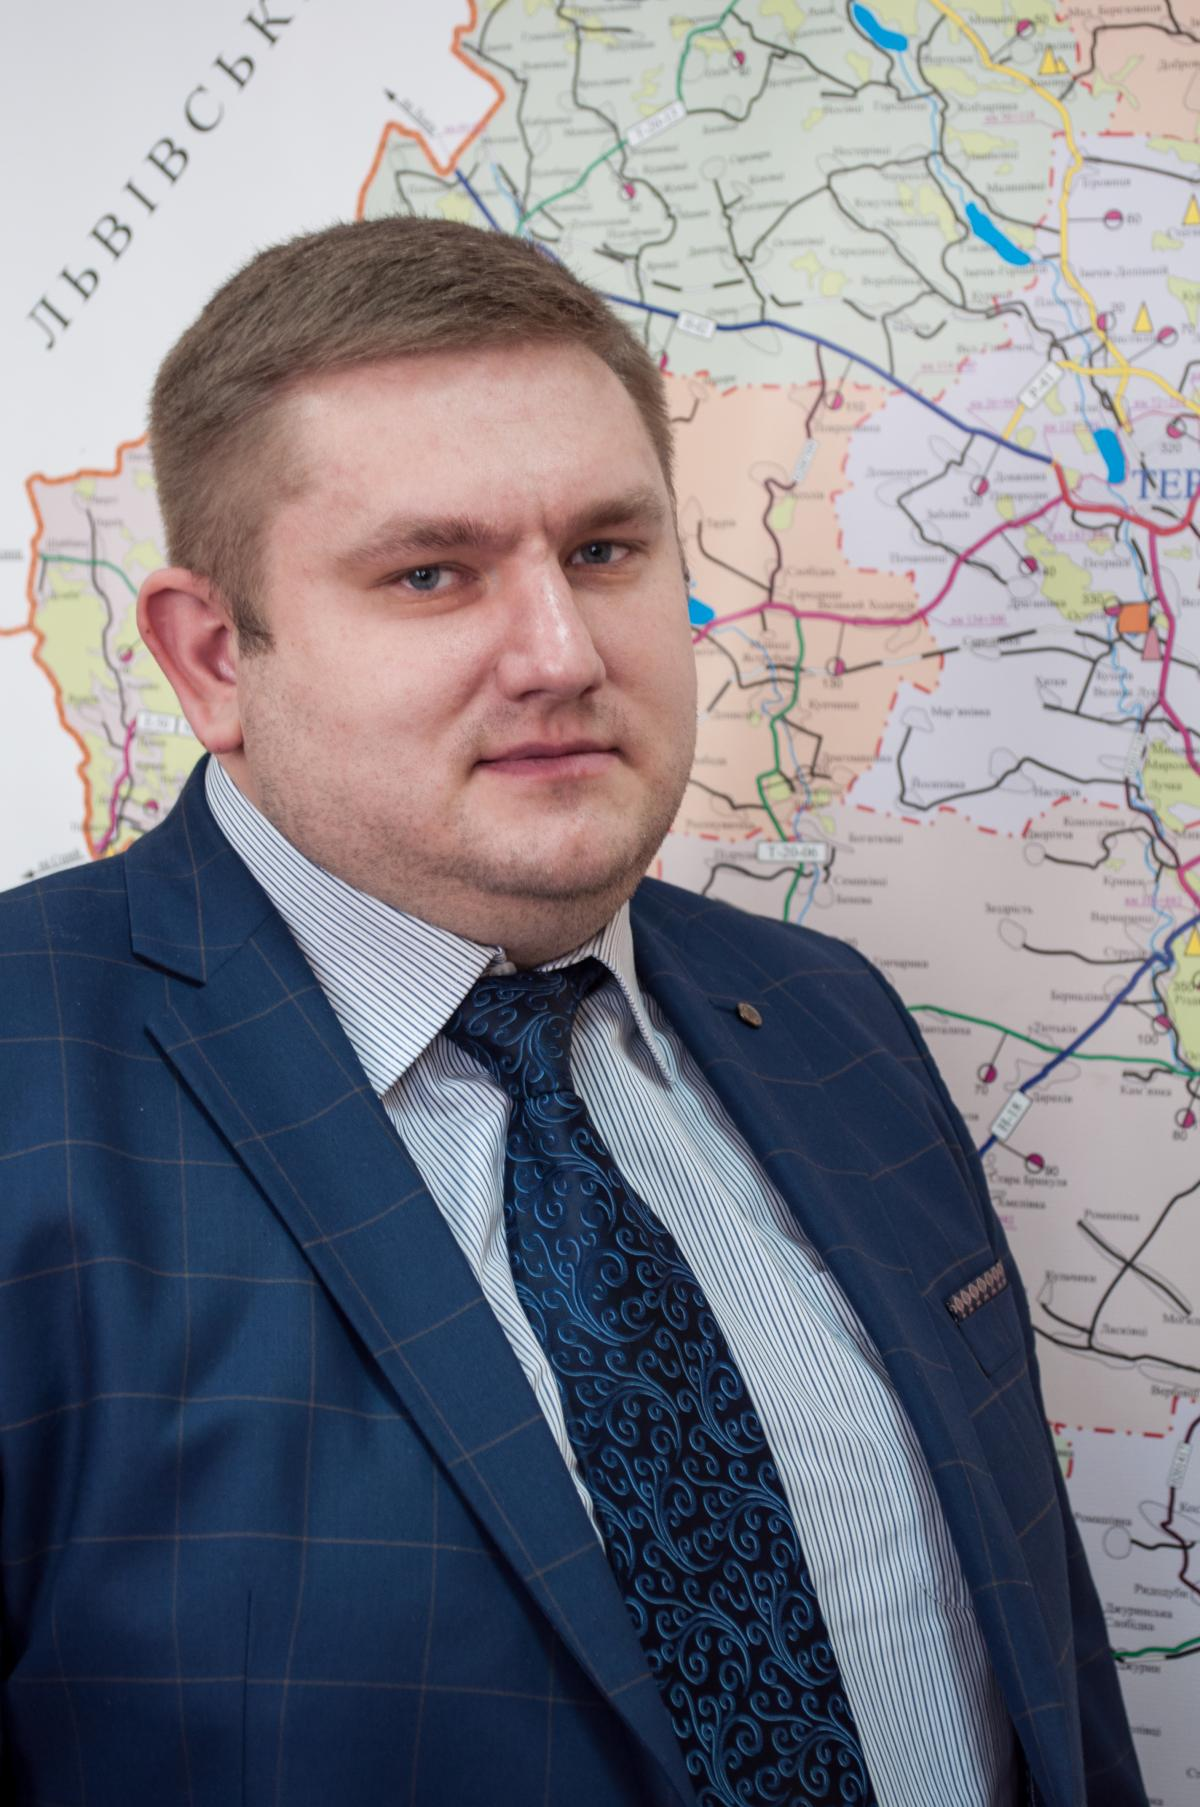 Начальник обласної Служби автомобільних доріг Богдан Юлик зазначає, що на Тернопільщині є дві траси, які дозволять економити водіям 80-100 км у стратегічних напрямках